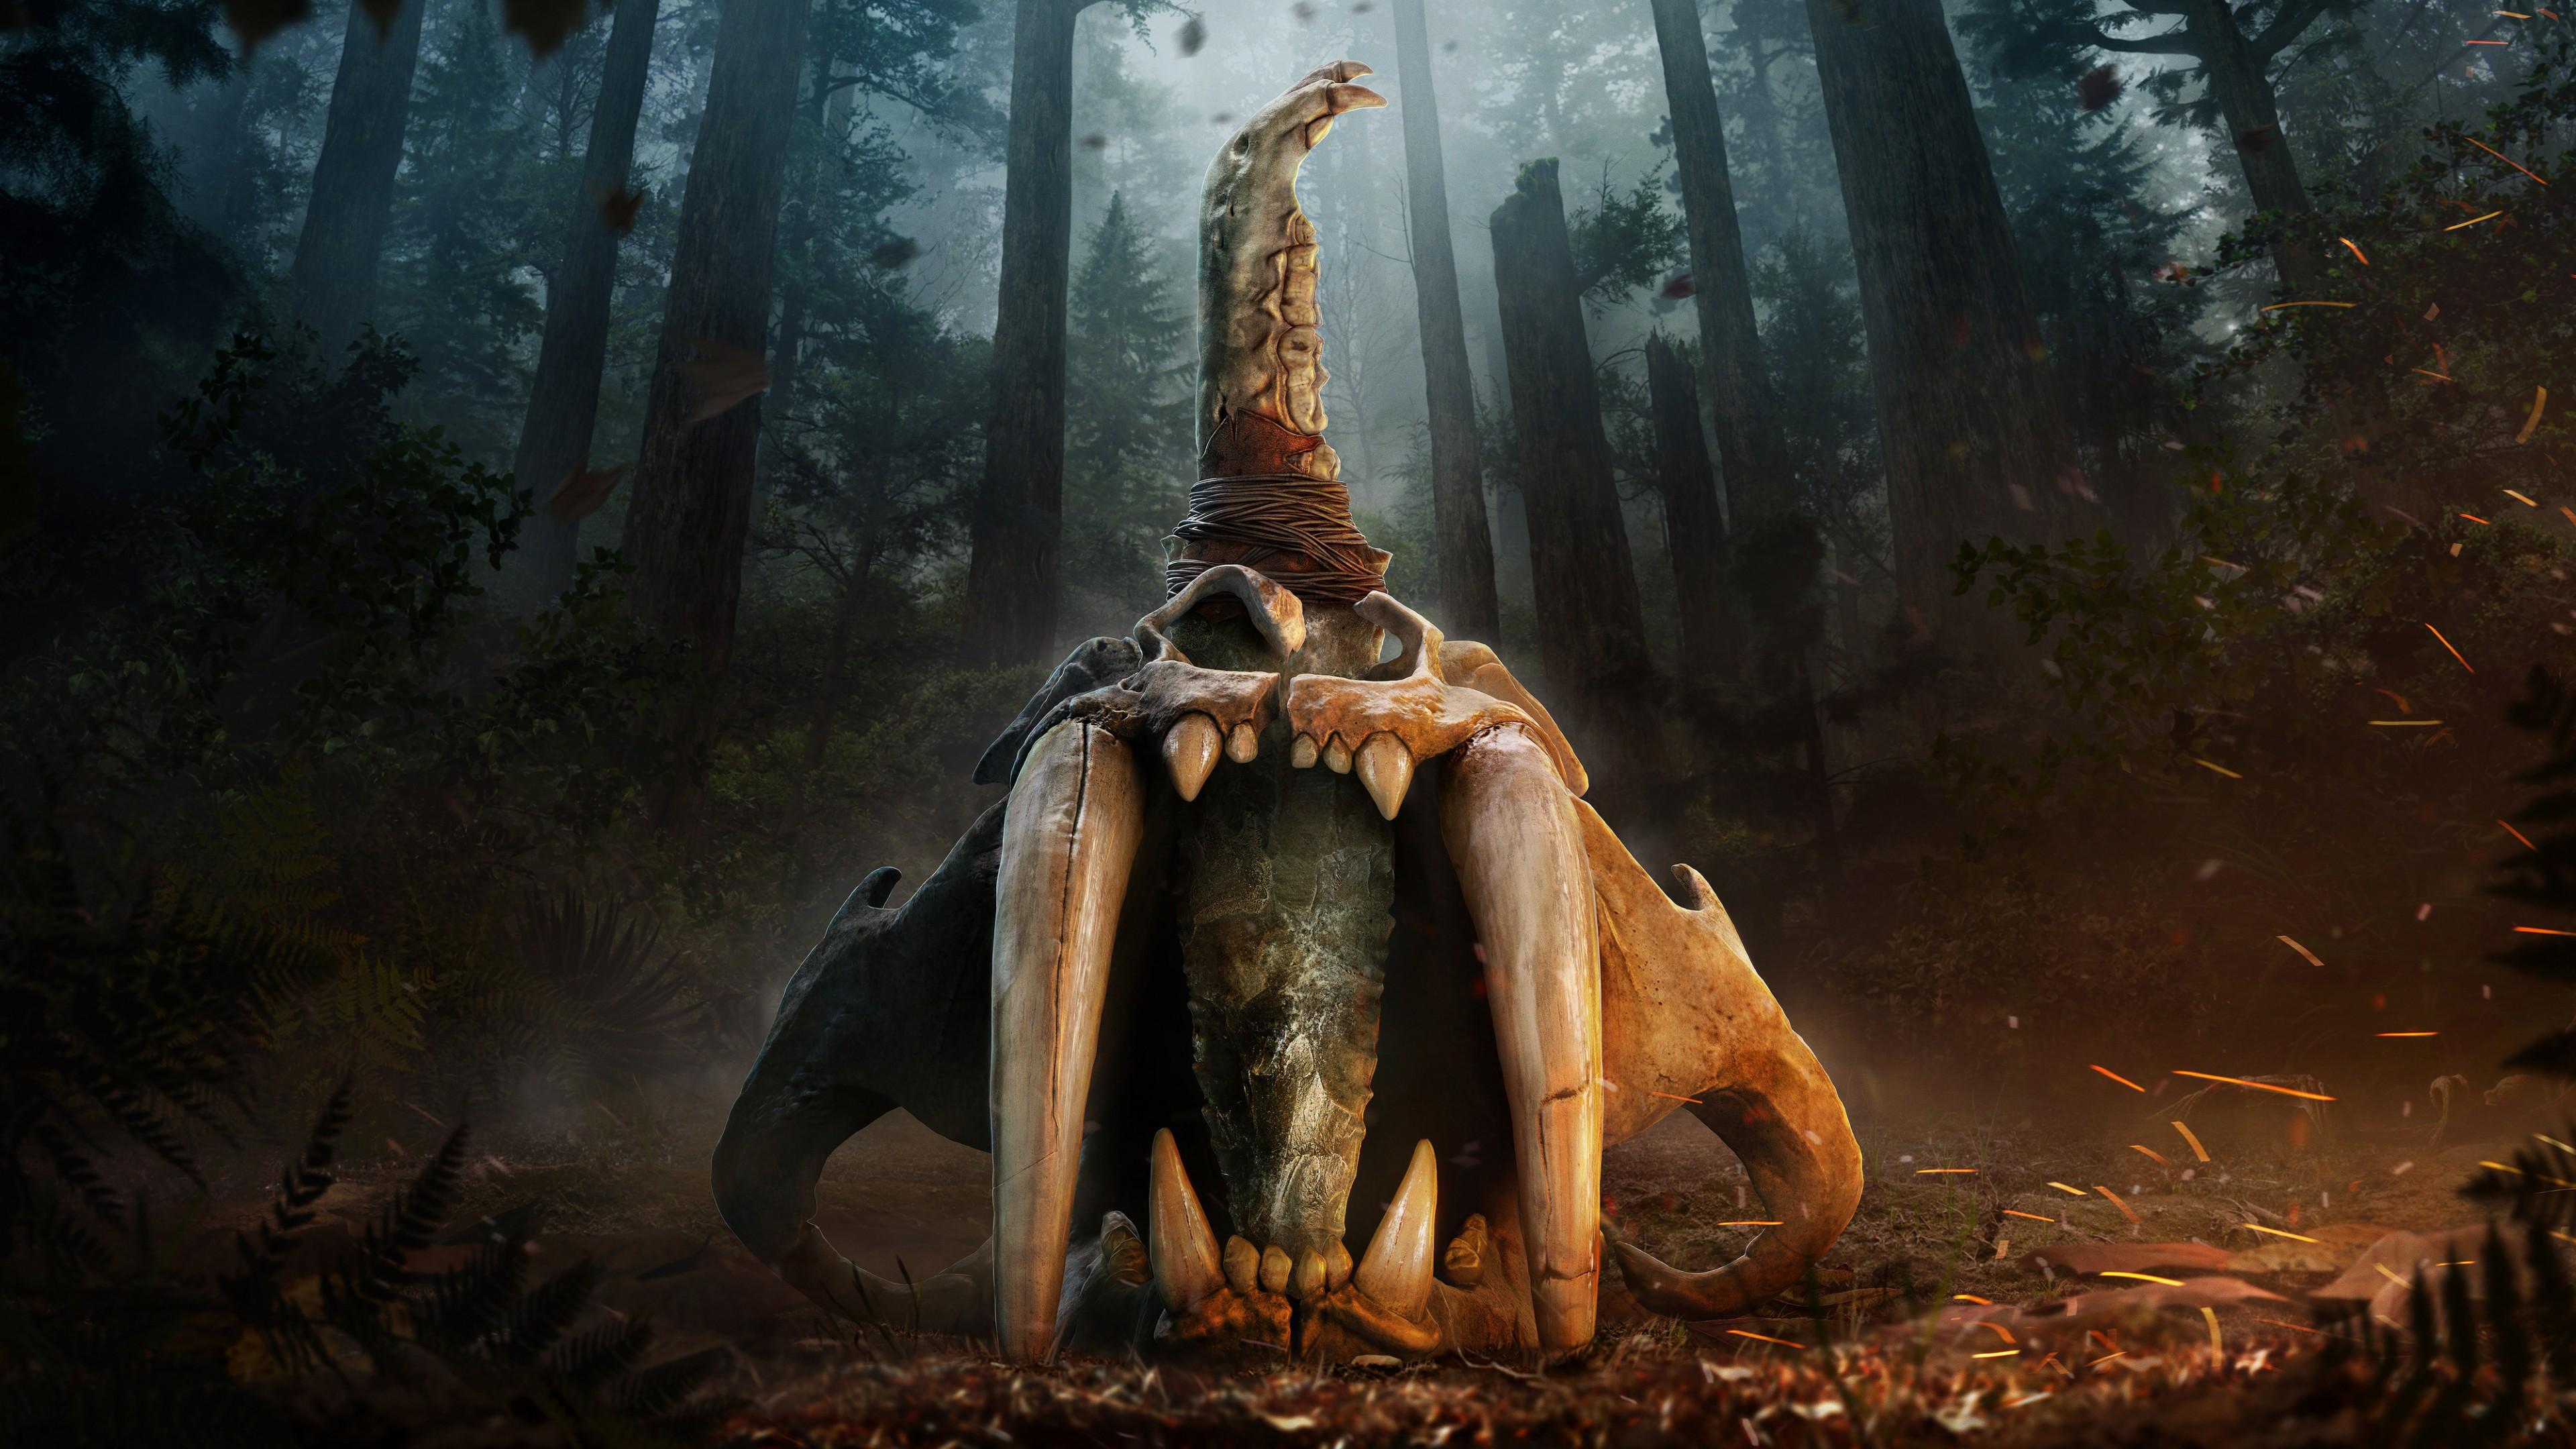 Фантастически страшное чудовище с бивнями,клыками и искрами огня в дремучем лесу